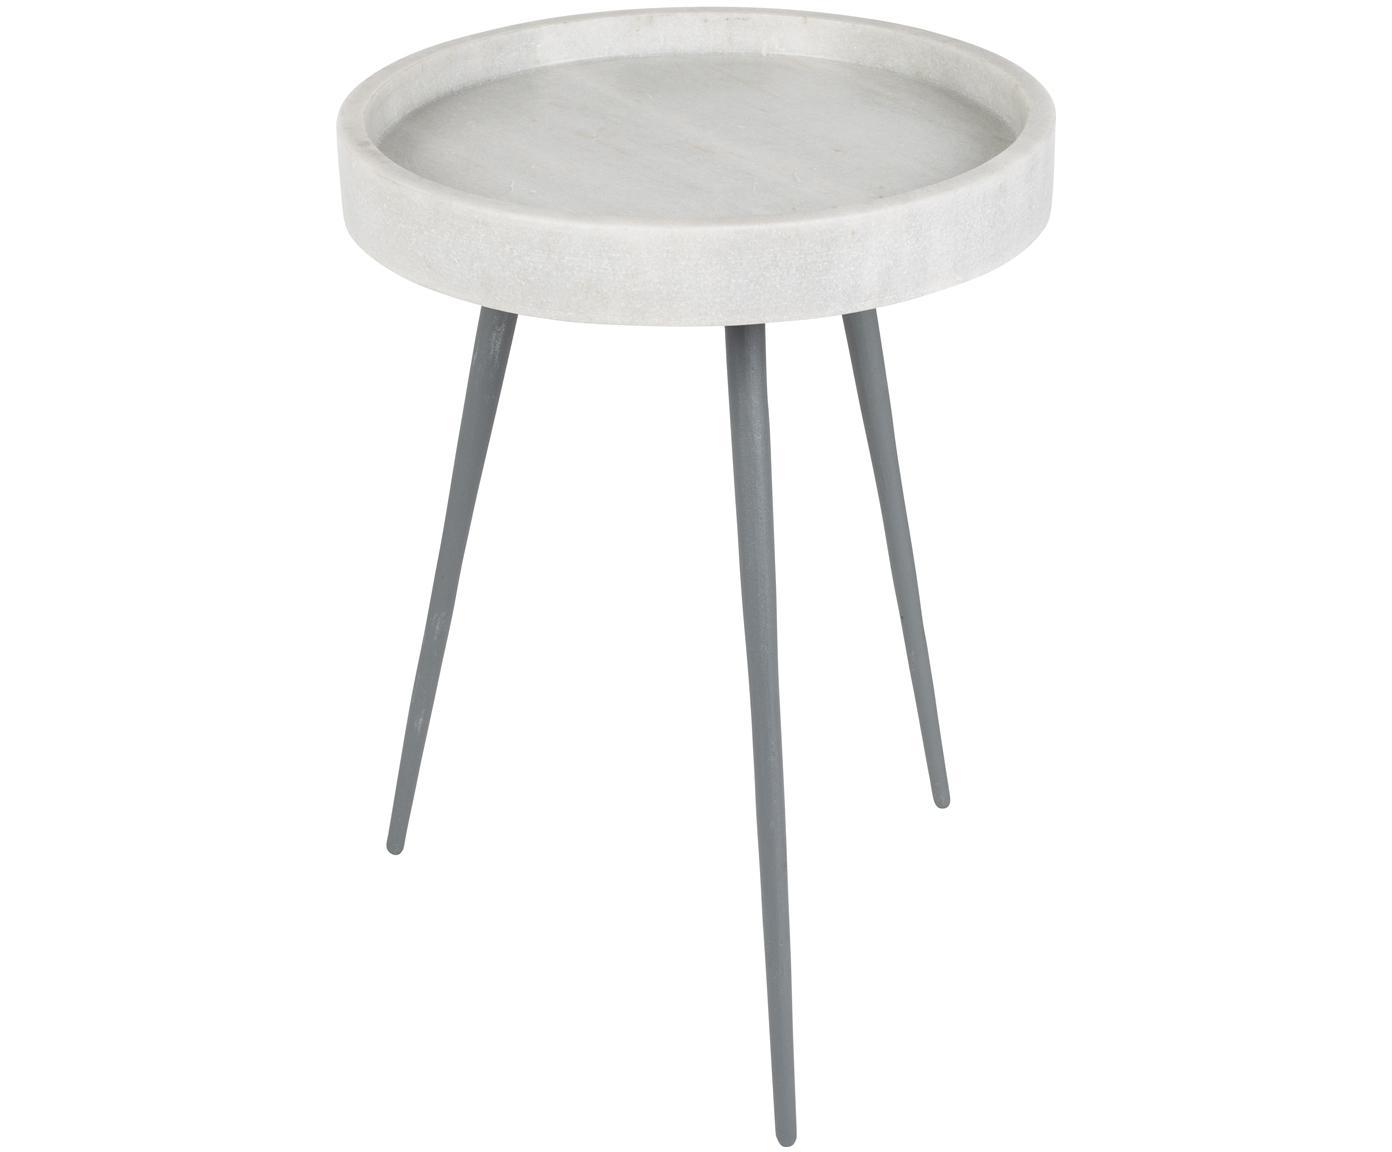 Okrągły stolik pomocniczy z marmuru Karrara, Blat: marmur, Nogi: metal malowany proszkowo, Blat: biały, marmurowy<br>Nogi: szary, Ø 33 x W 45 cm